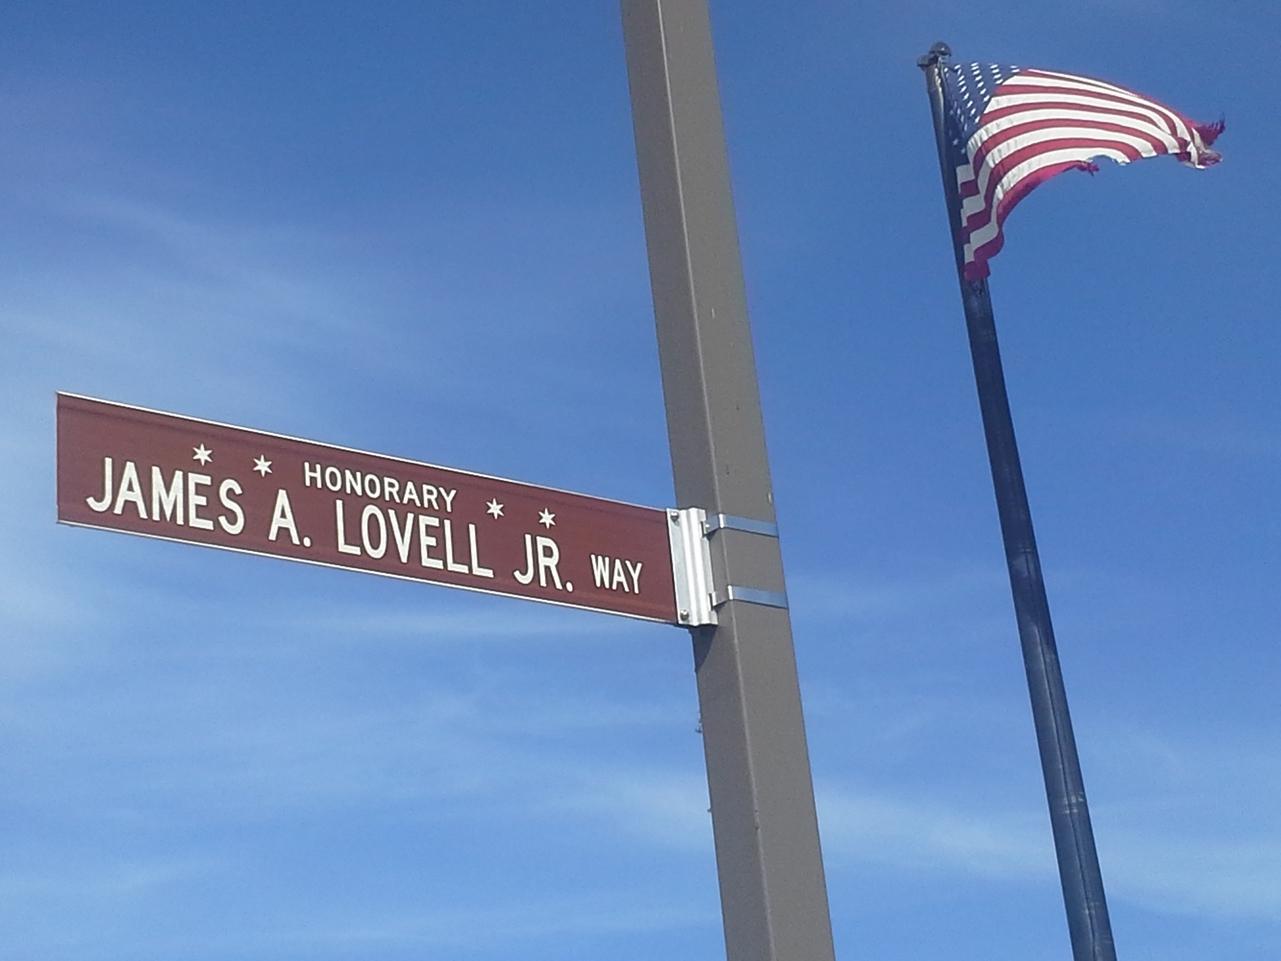 Captain James A. Lovell Jr. U.S. Navy pilot and NASA Astronaut - Apollo Program.  Photo: L Zabors/Honorary Chicago